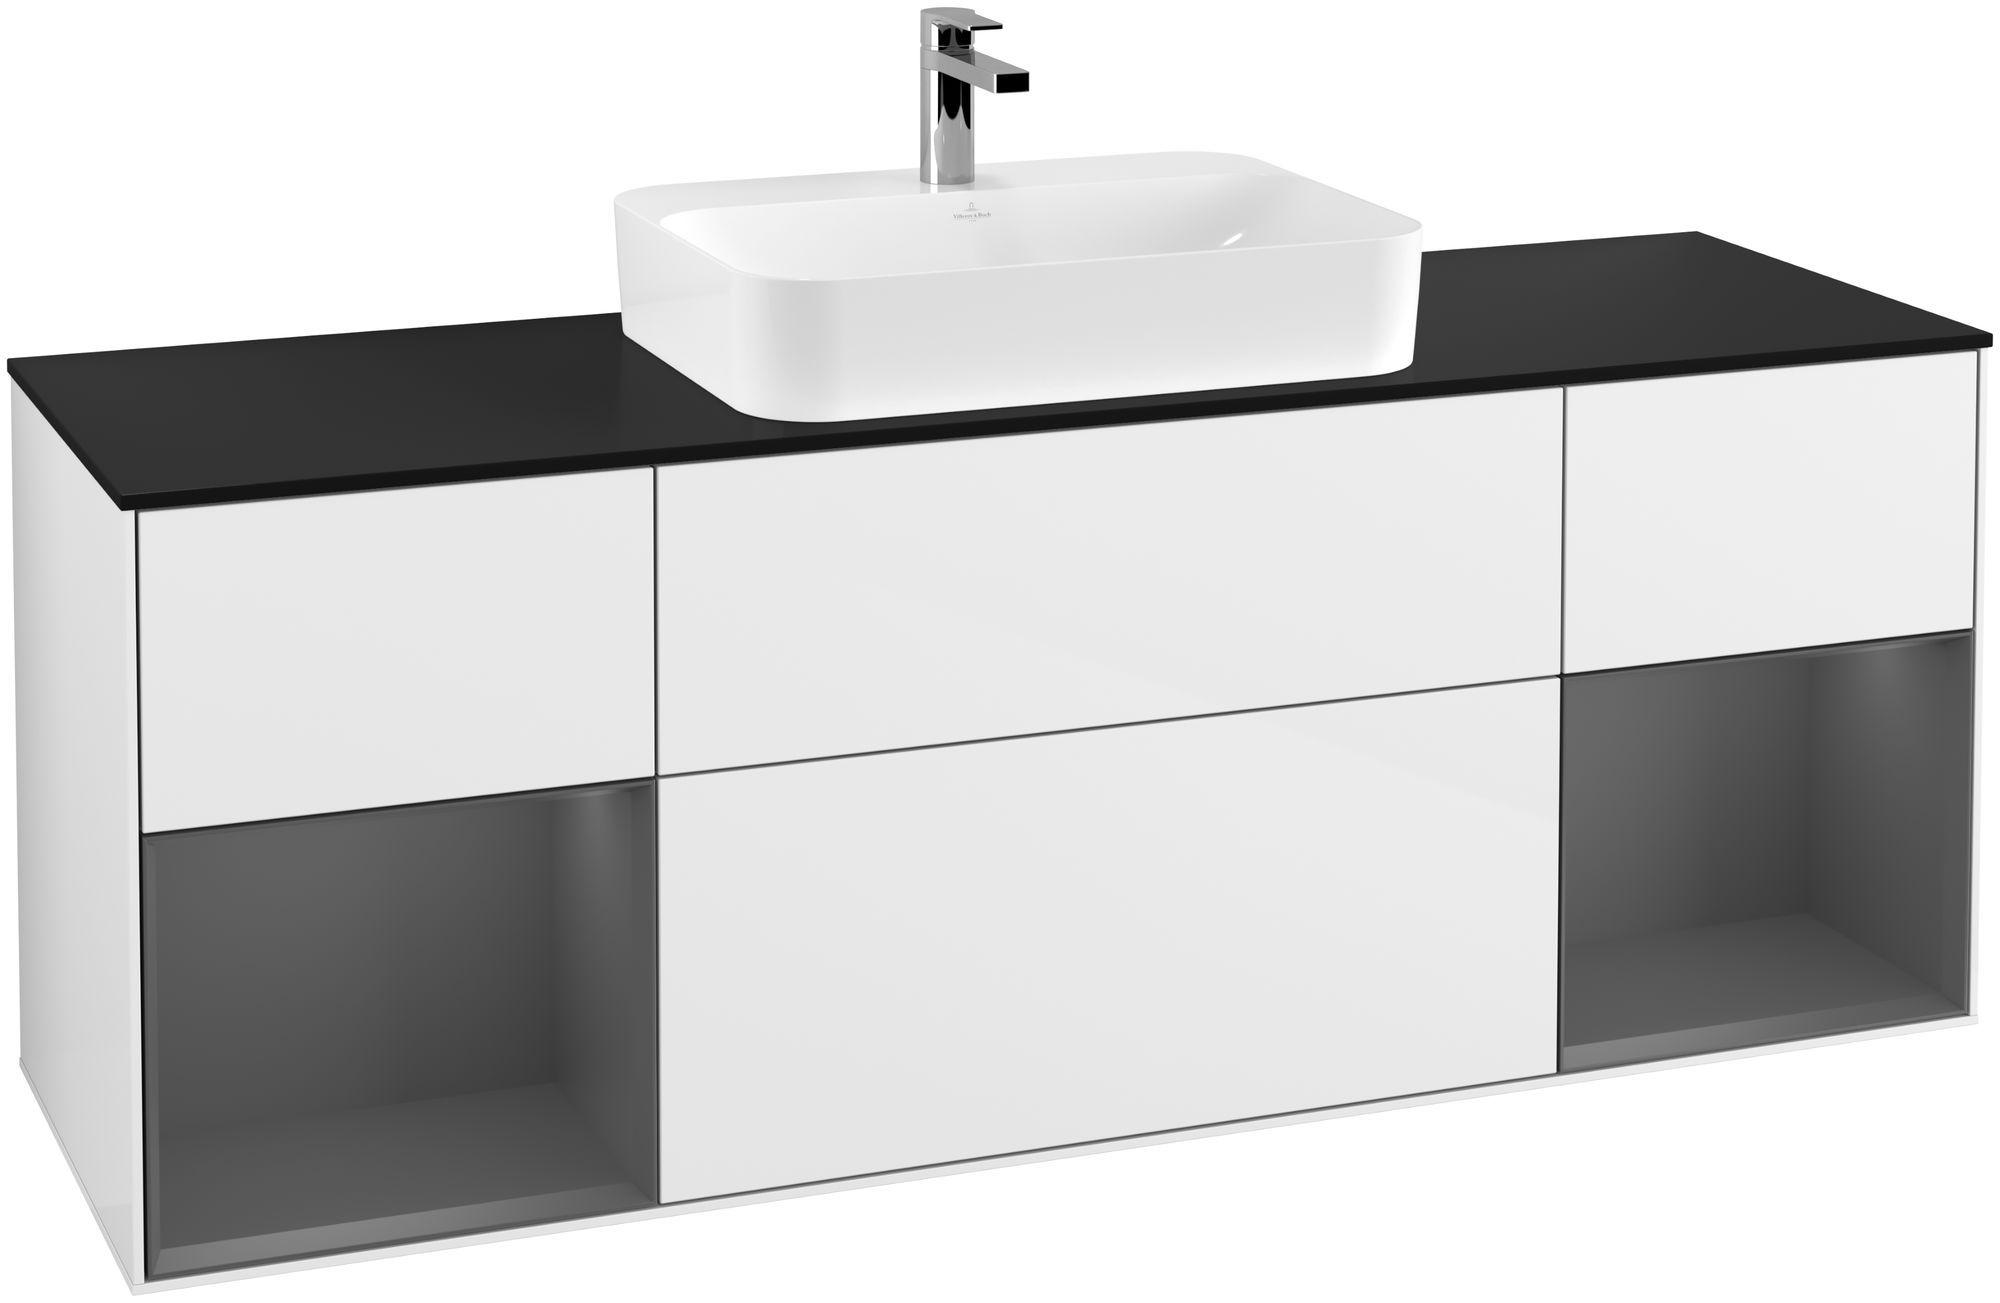 Villeroy & Boch Finion G45 Waschtischunterschrank mit Regalelement 4 Auszüge für WT mittig LED-Beleuchtung B:160xH:60,3xT:50,1cm Front, Korpus: Glossy White Lack, Regal: Anthracite Matt, Glasplatte: Black Matt G452GKGF